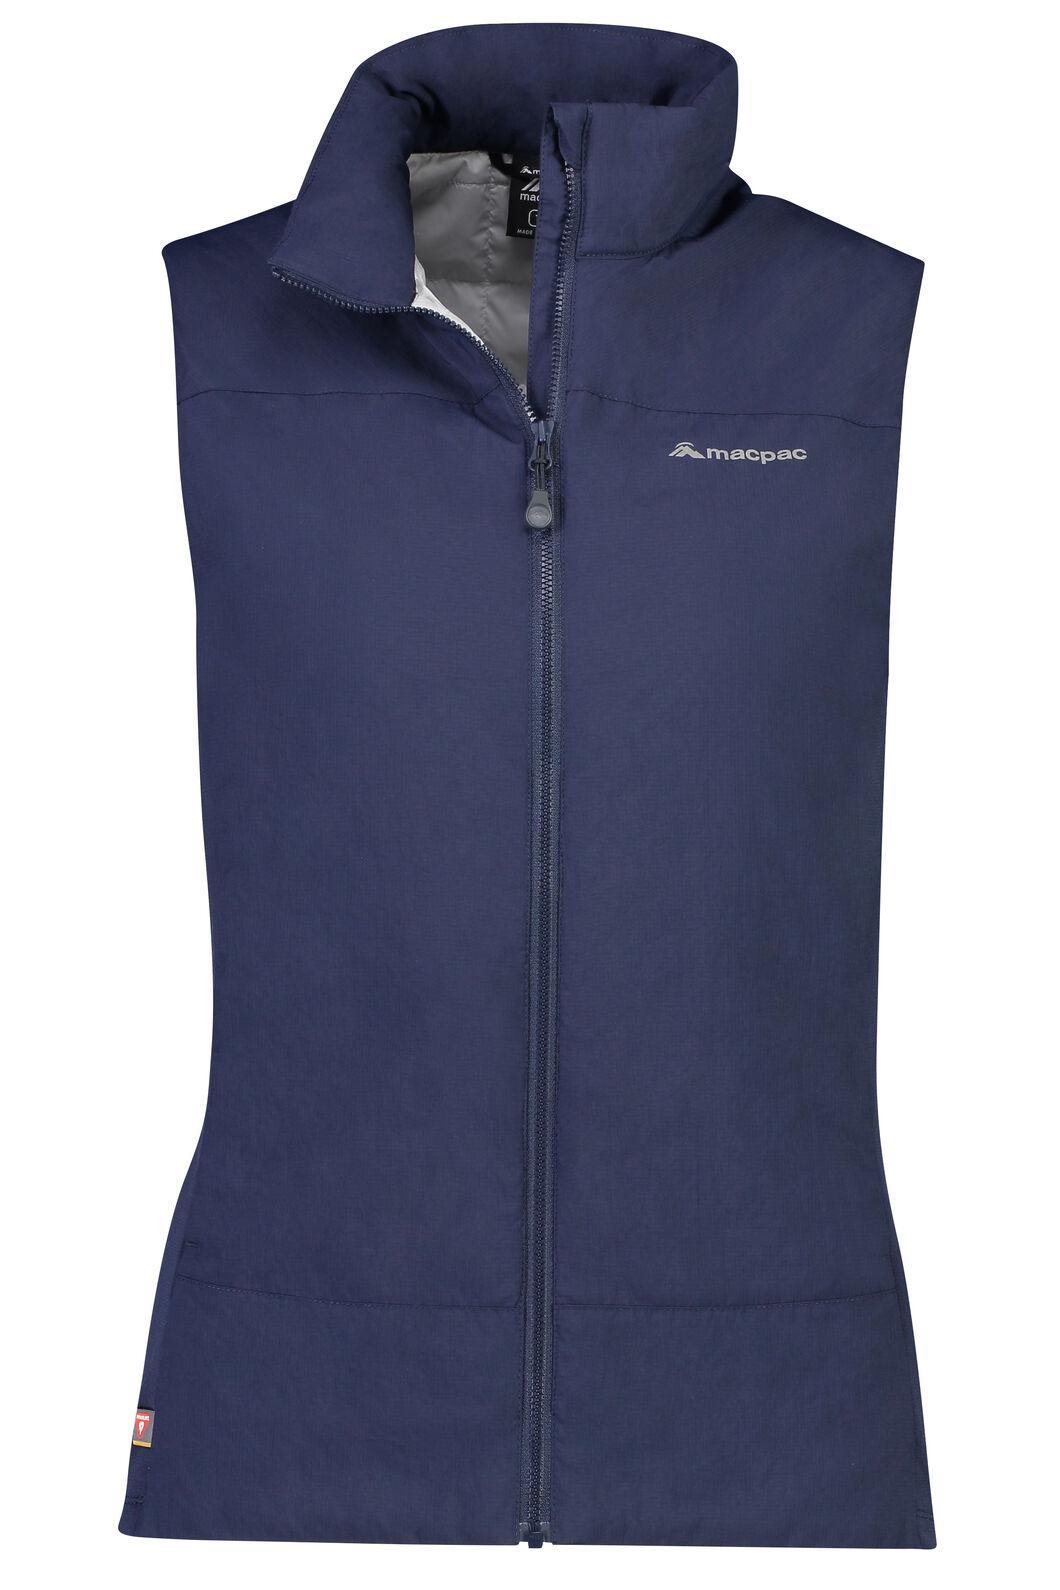 Ethos PrimaLoft® Vest - Women's, Black Iris, hi-res